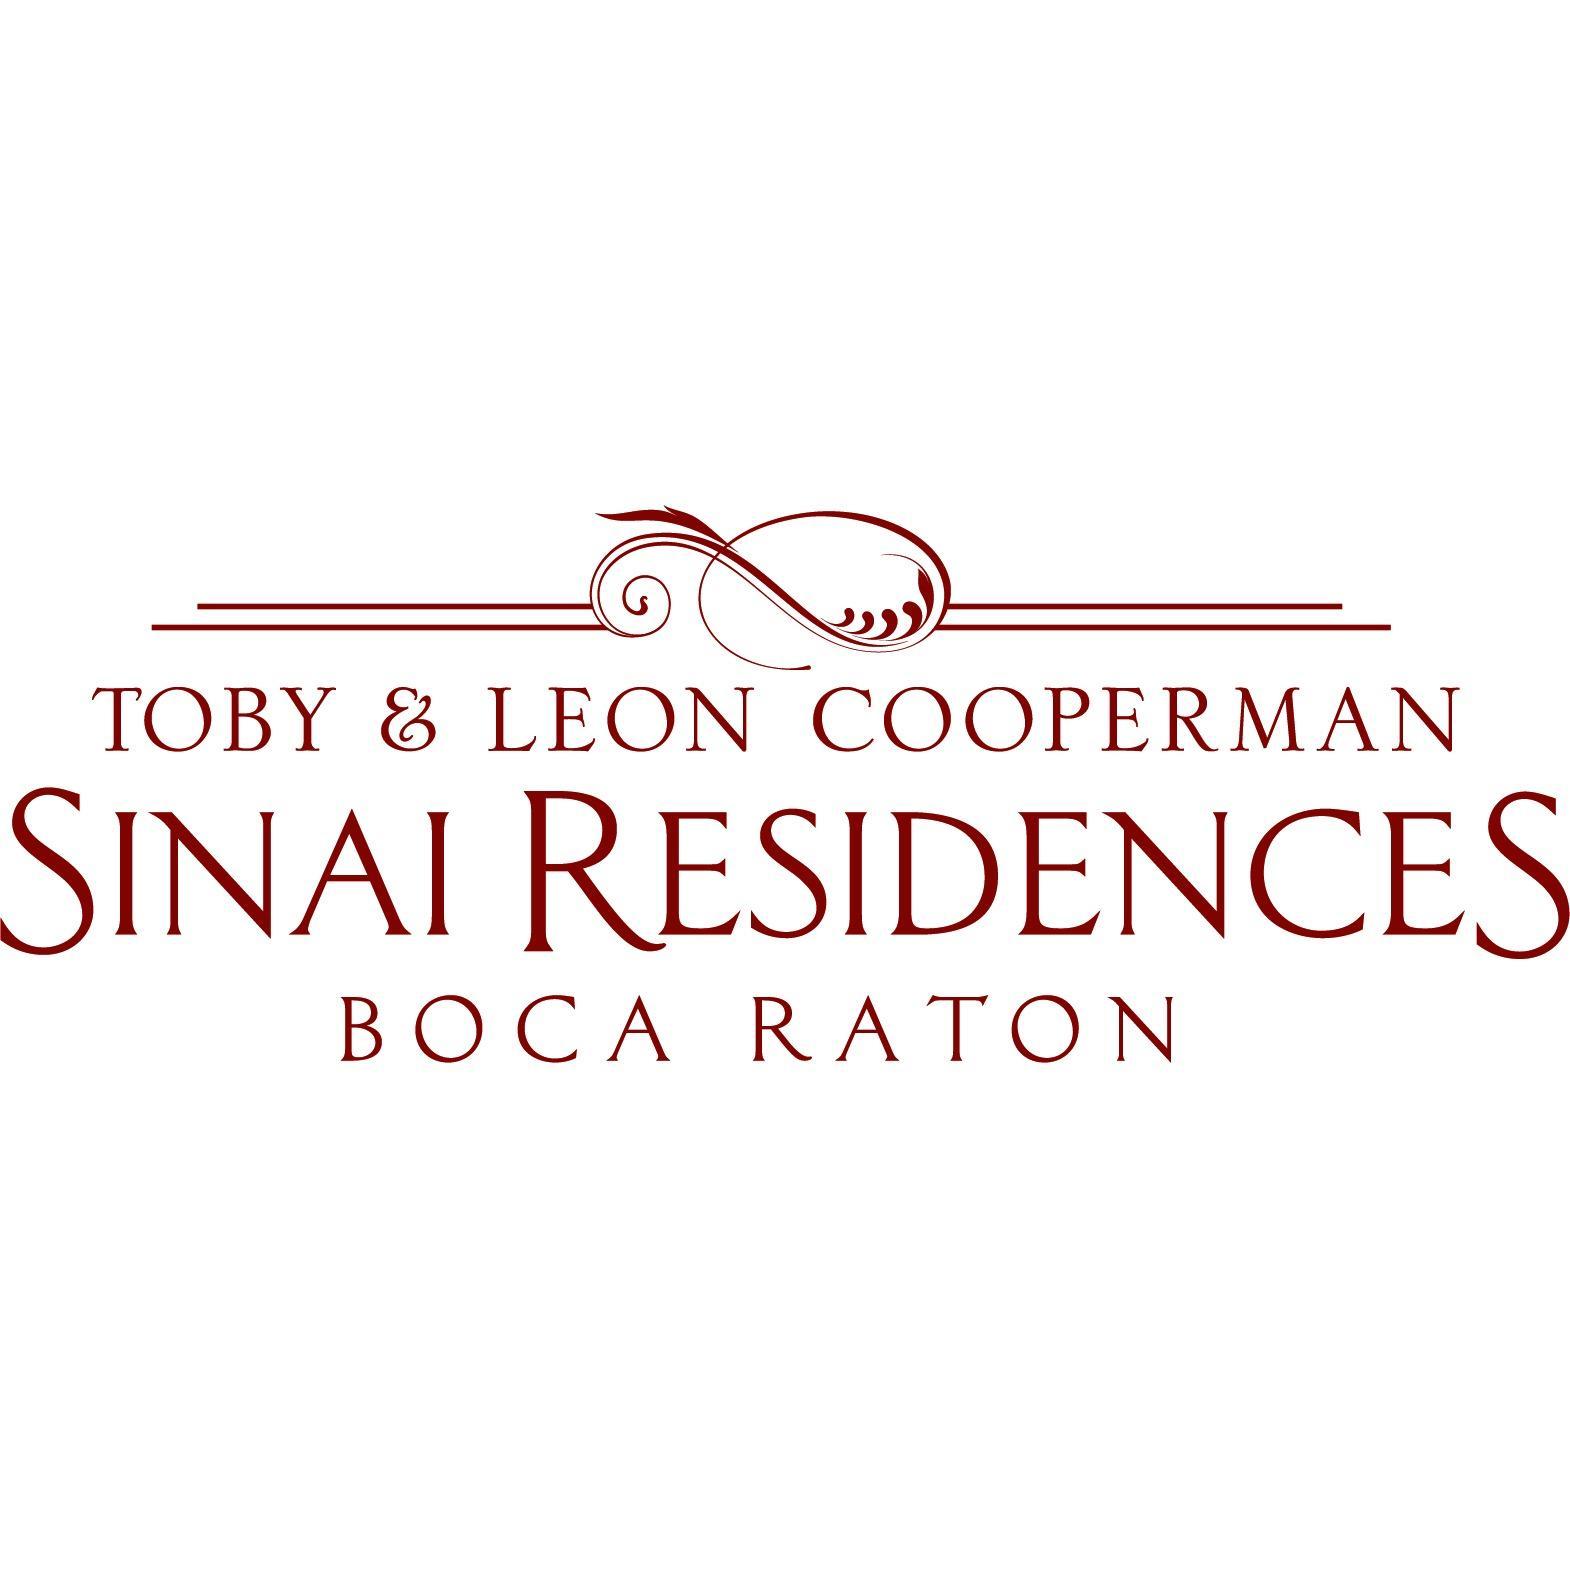 Toby & Leon Cooperman Sinai Residences Boca Raton